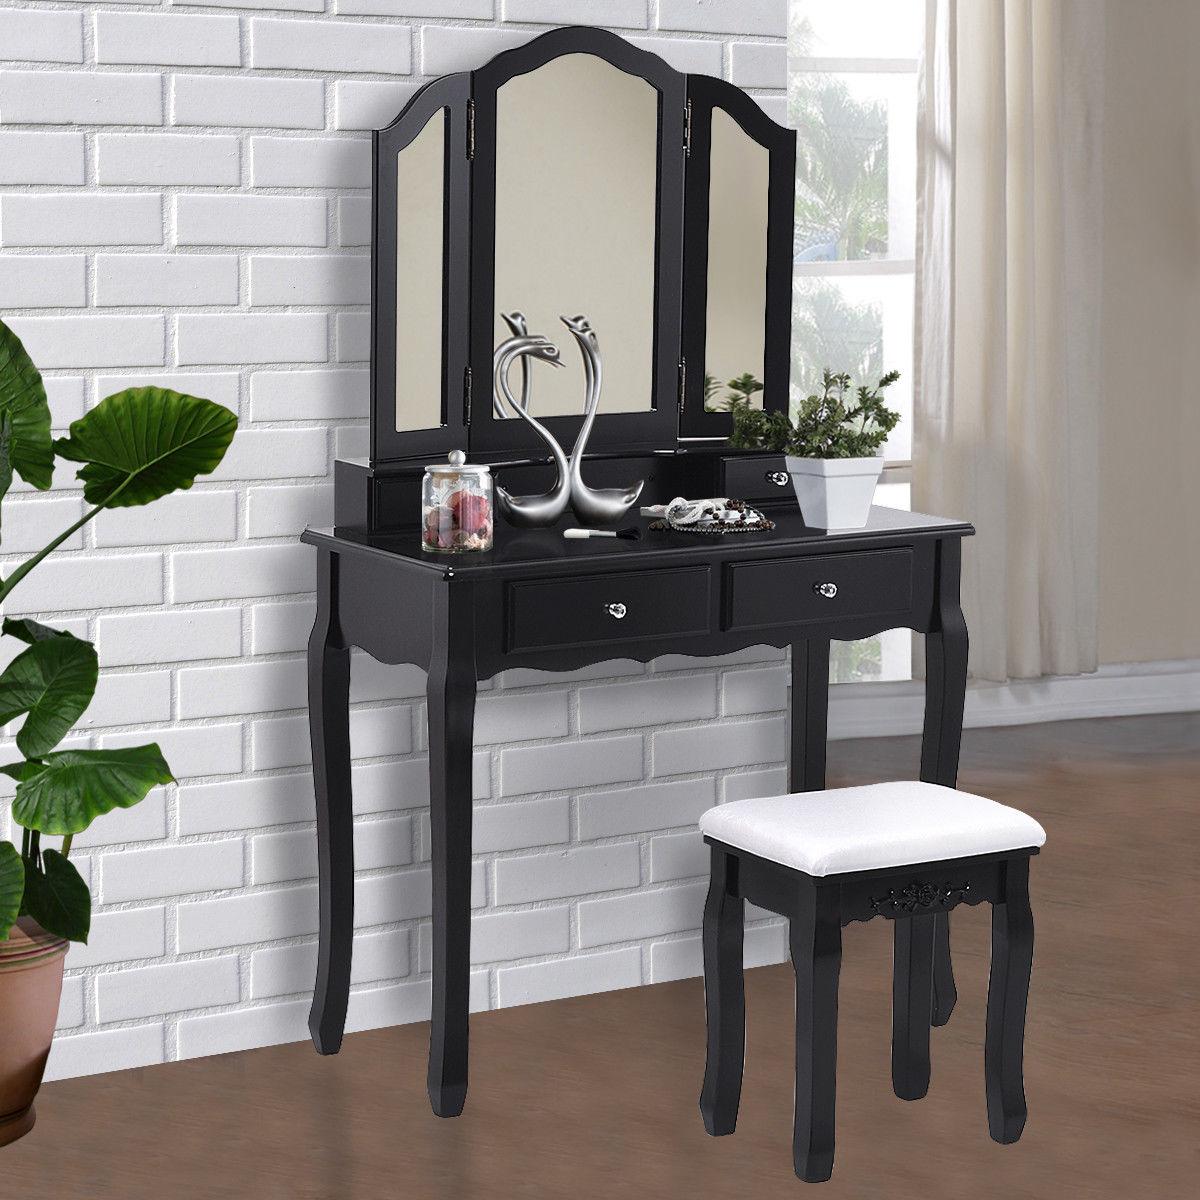 Giantex noir Tri pliant miroir vanité maquillage coiffeuse tabouret ensemble moderne maison chambre meubles avec 4 tiroirs HW55563BK